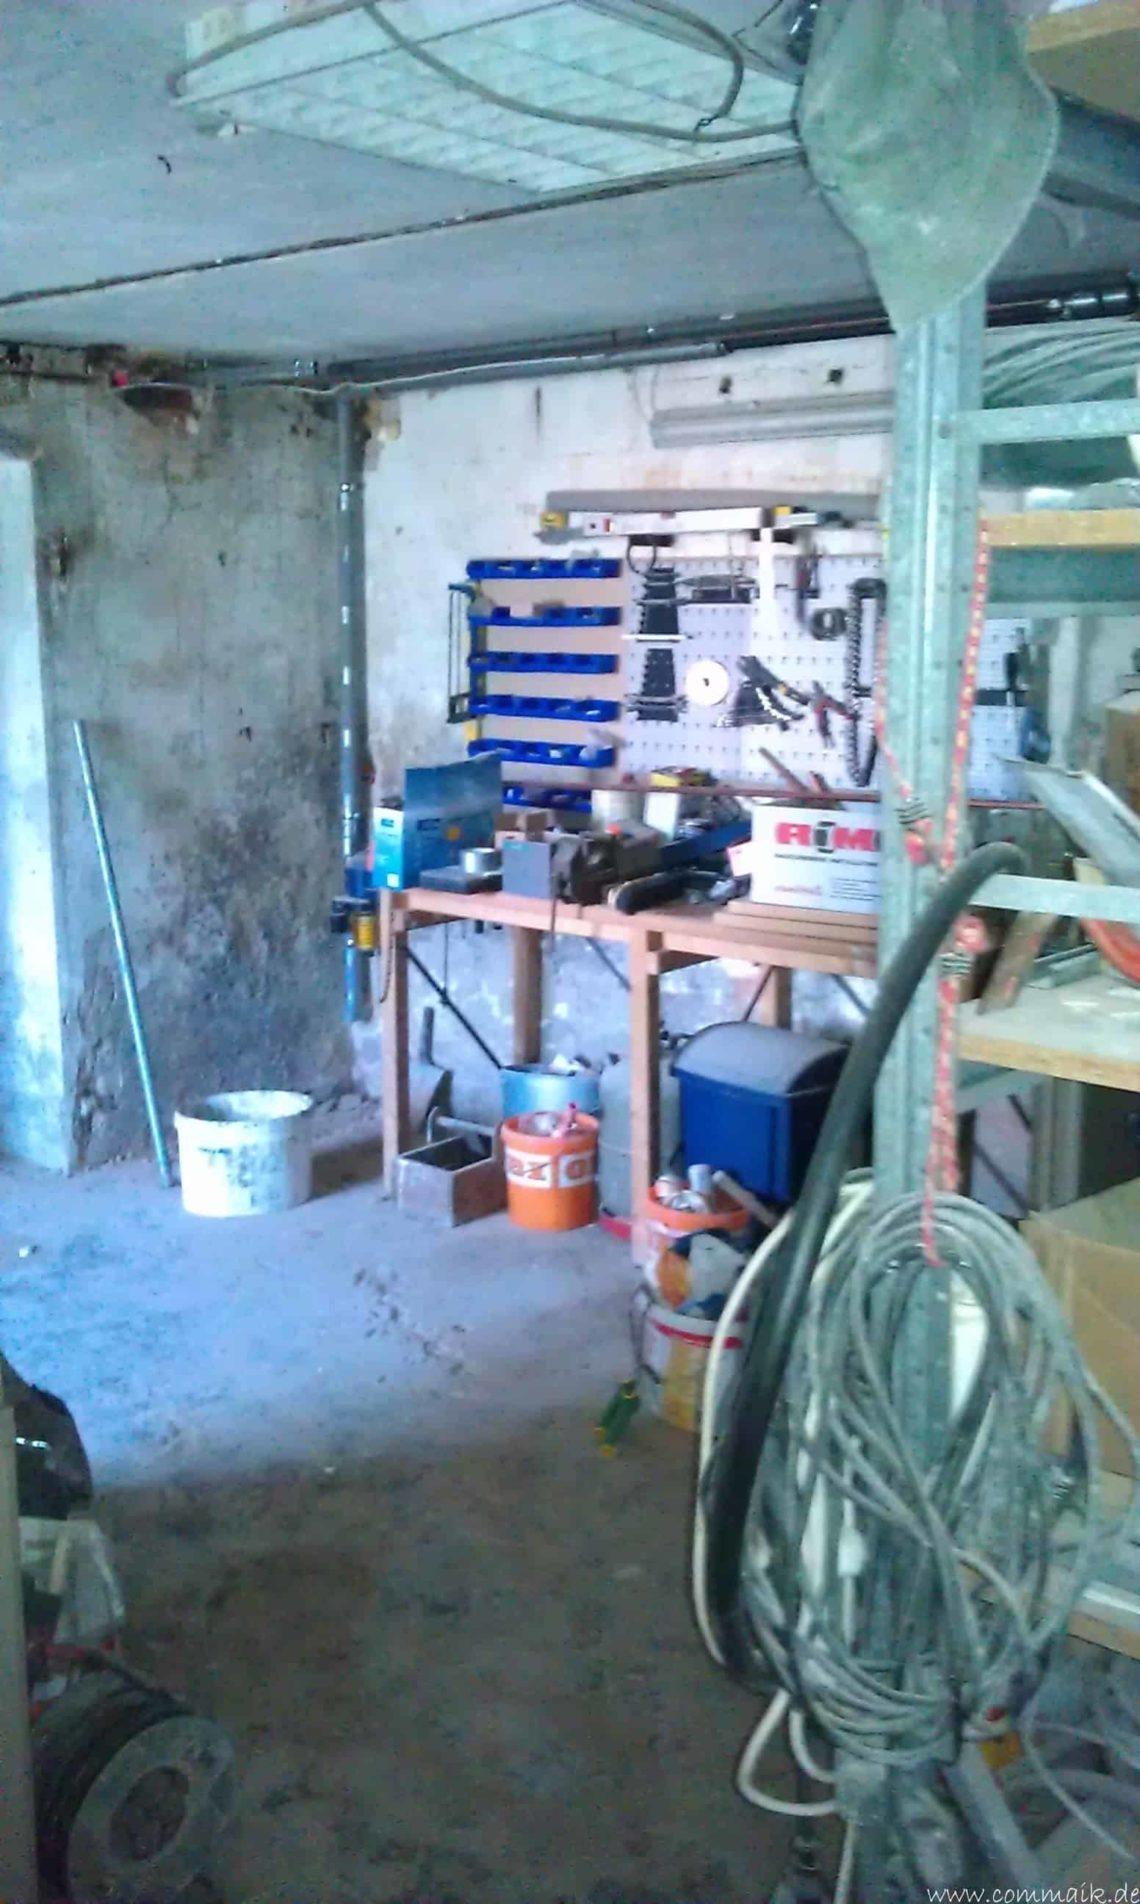 alte werkstatt im keller9 - Vom Abstellkeller zum Maklerbüro - Der alte Keller